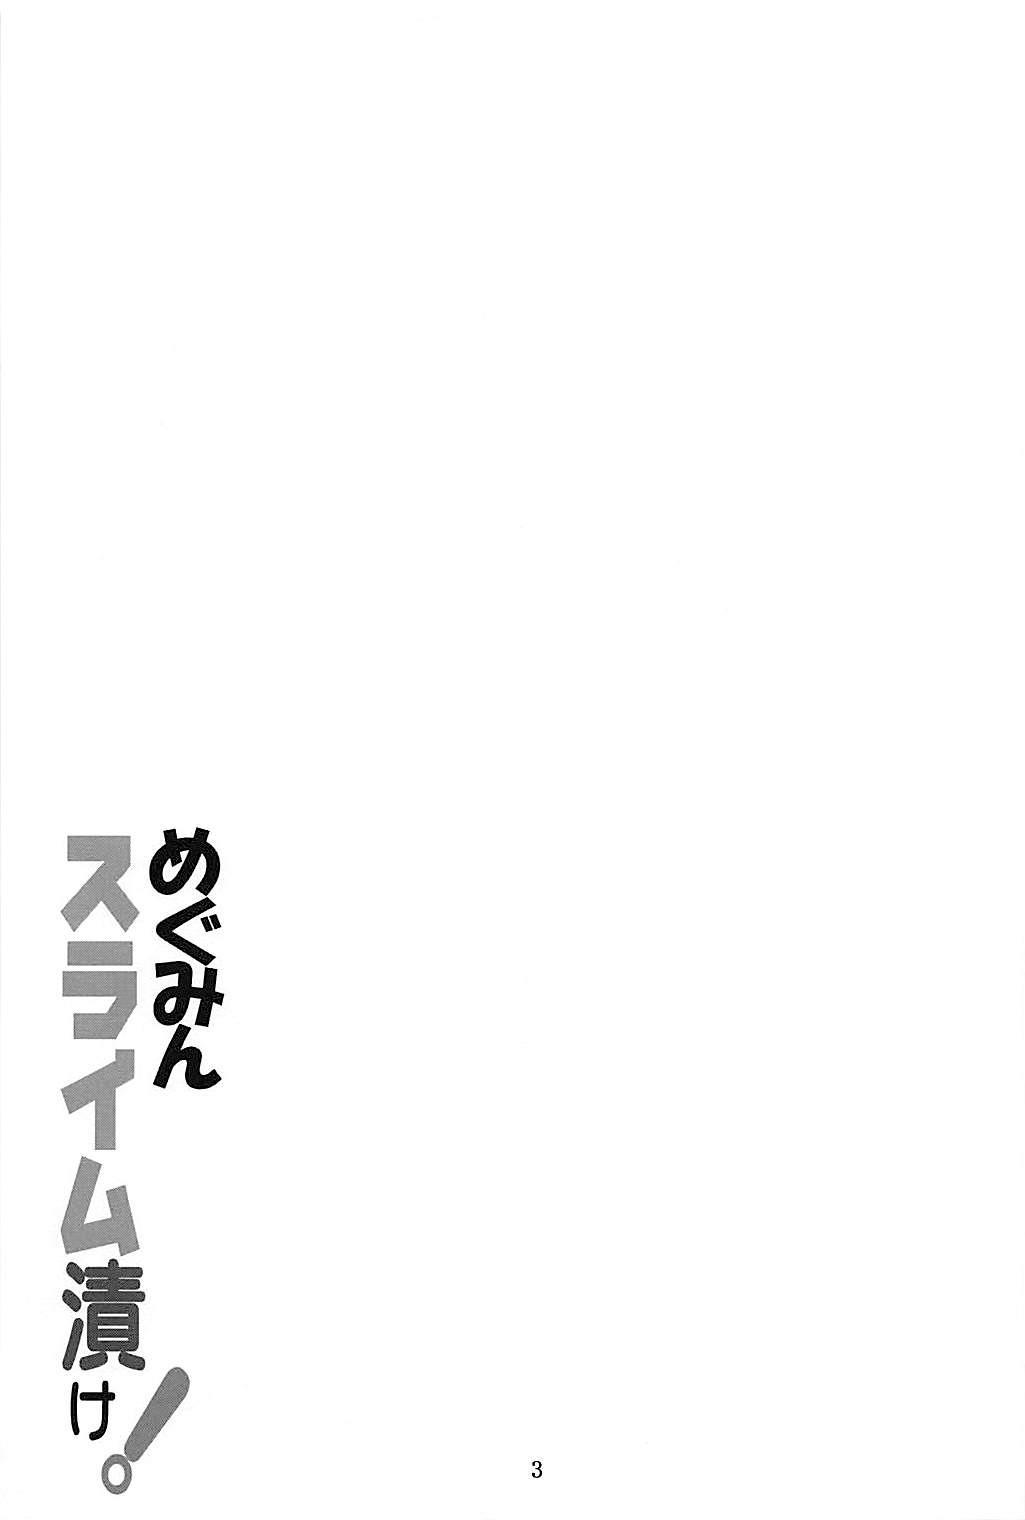 Megumin Slime-zuke! | Slime immersed Megumin! 1